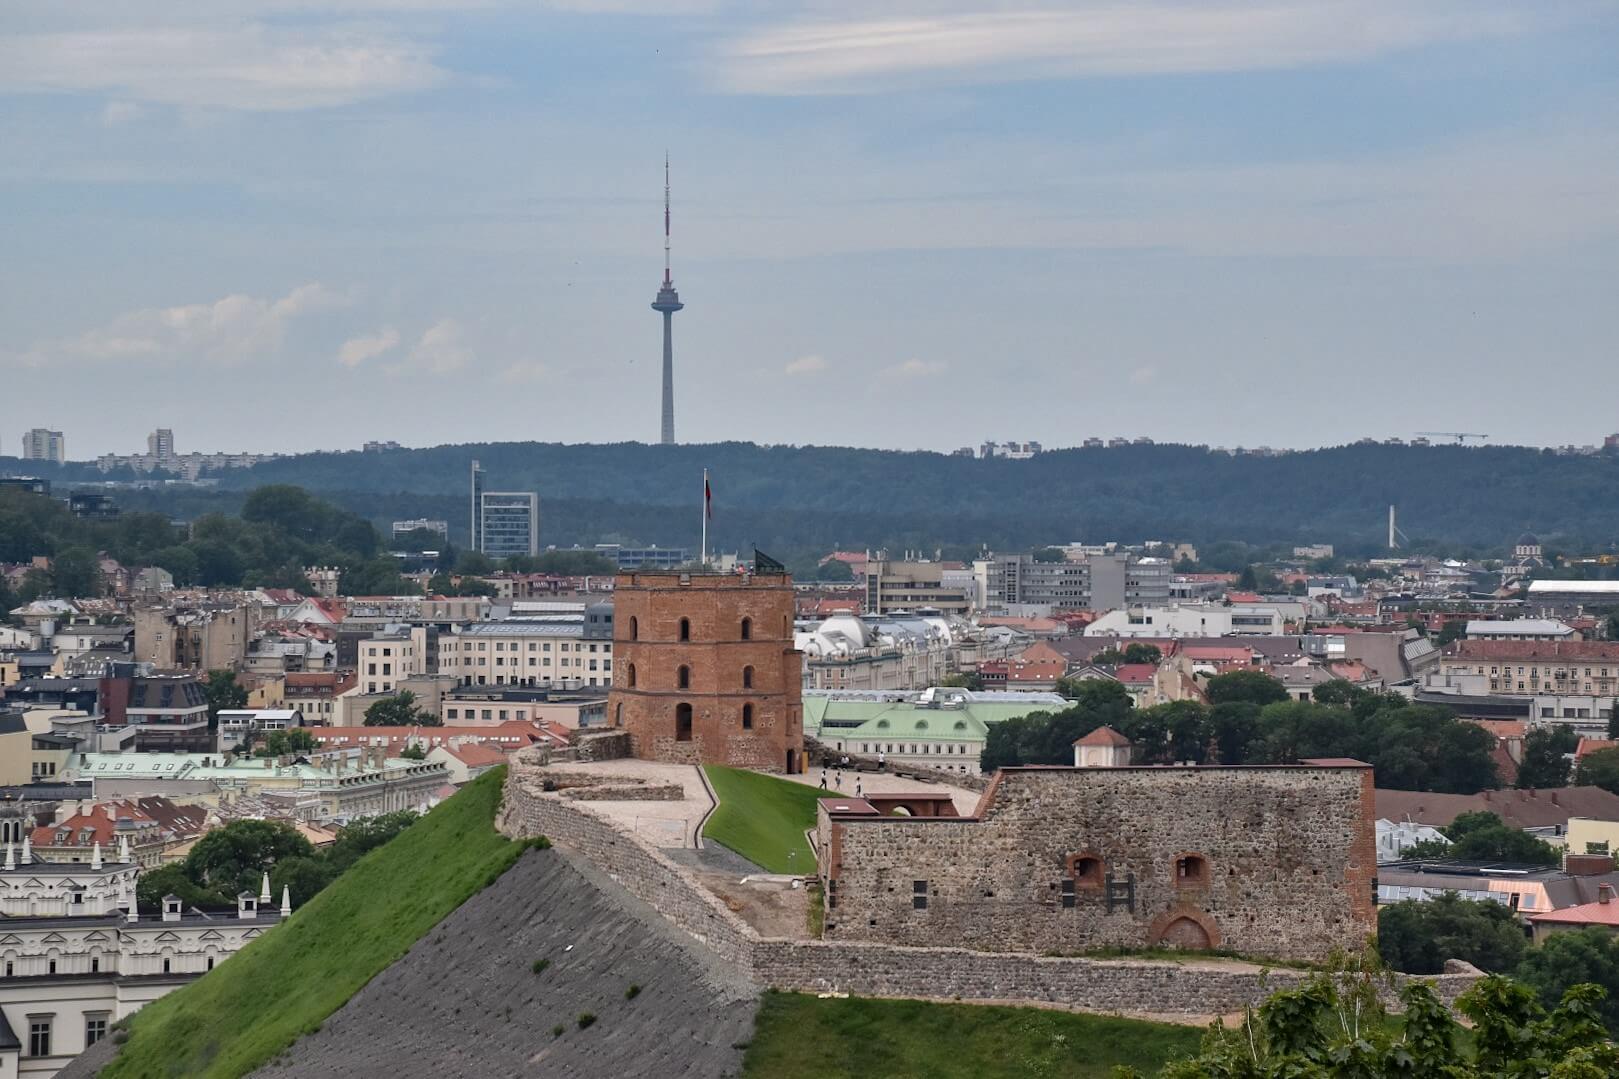 Wilno widziane z góry Trzykrzyskiej, na pierwszym planie Baszta Giedymina, w oddali wieża telewizyjna.